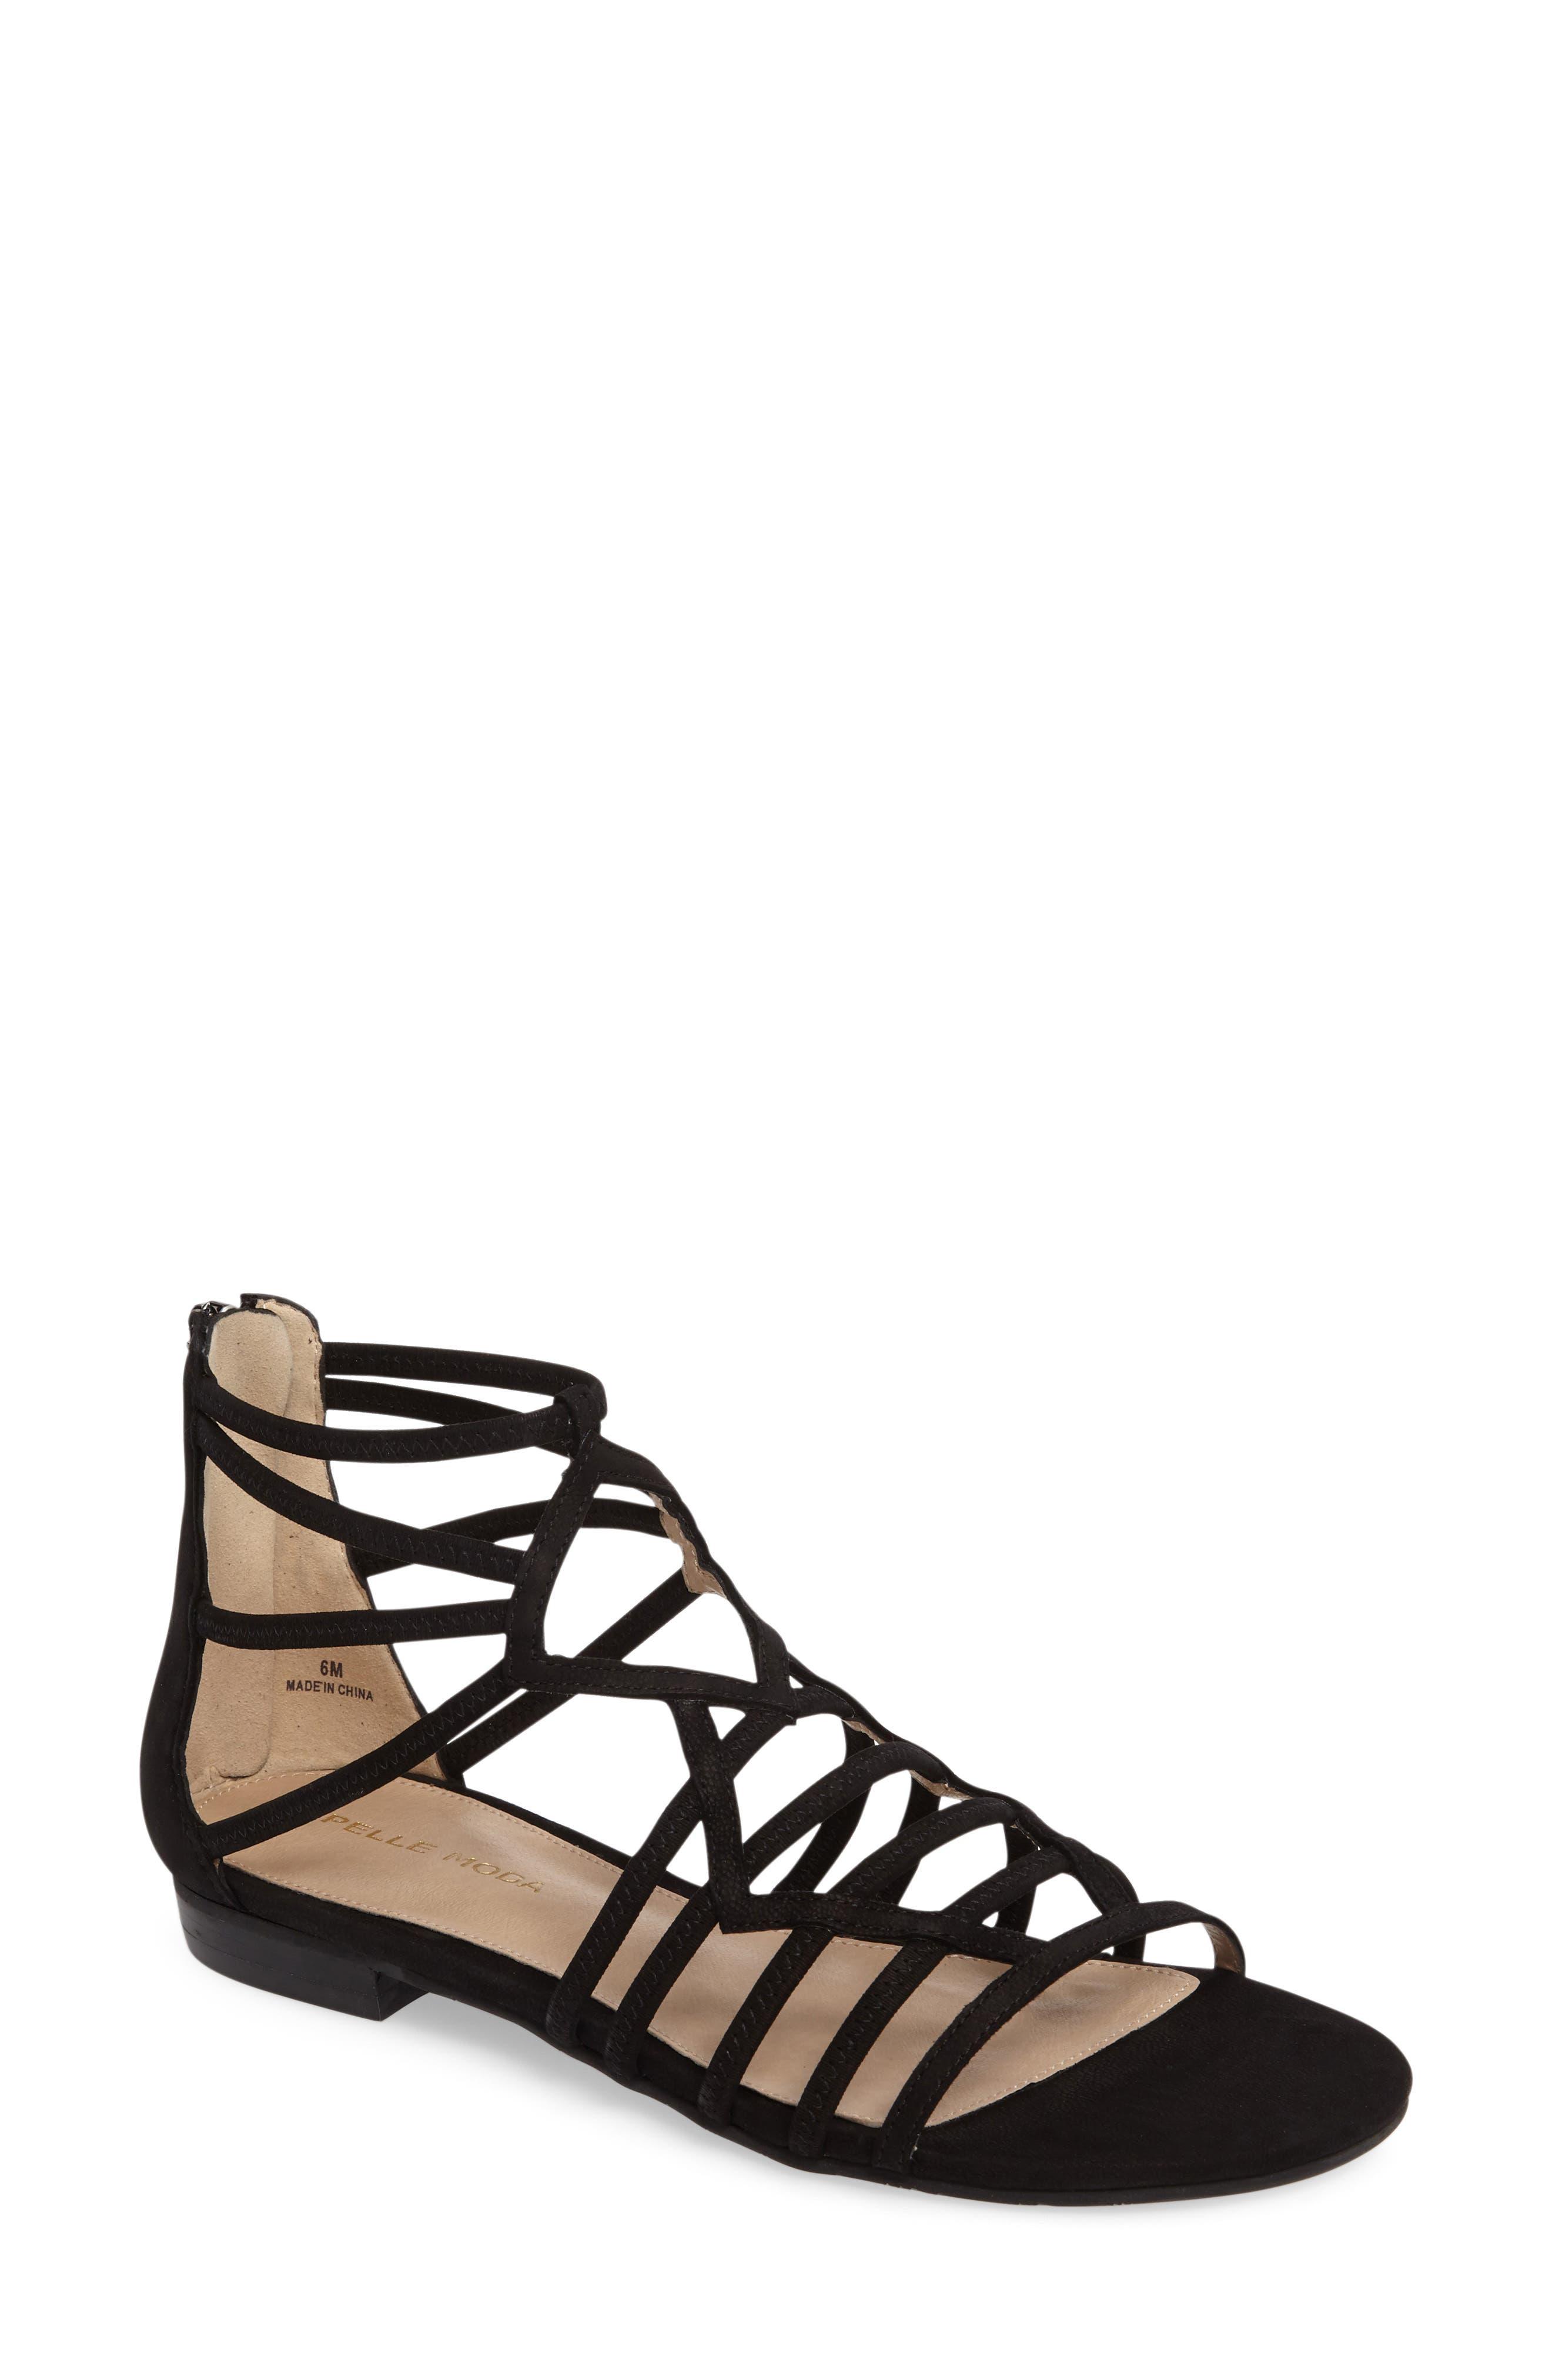 Alternate Image 1 Selected - Pelle Moda Brazil Strappy Sandal (Women)